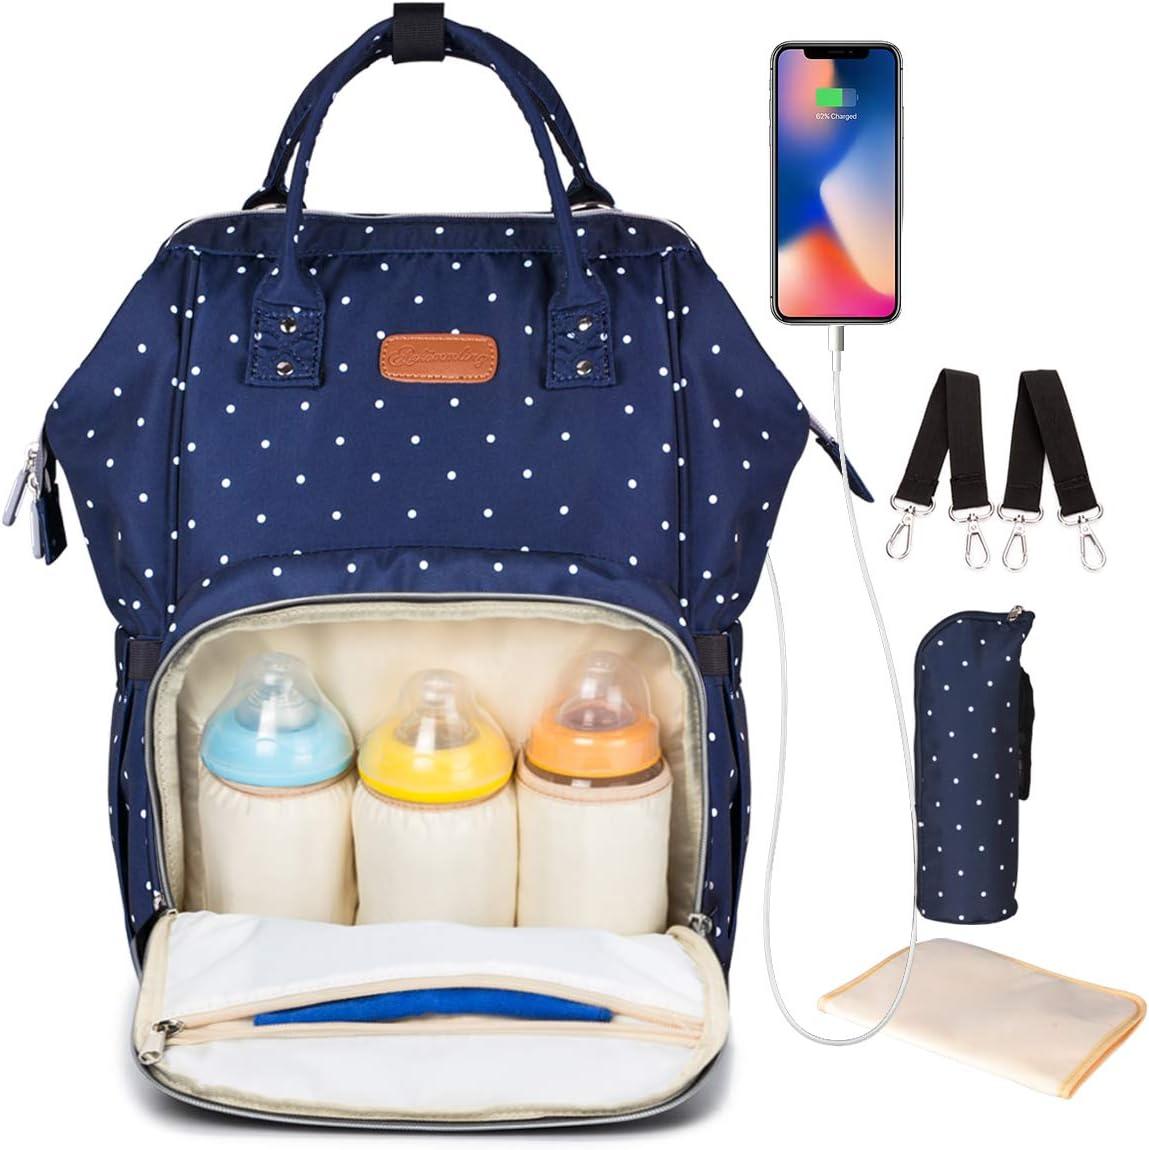 Pañal Bolso Mochila, DINOKA Gran Capacidad Mochila de Pañales Bolso de Viaje, Impermeable Bolsa de Pañales con Aislado Bolsillos para Cuidado de Bebé y Mamá-bluedot